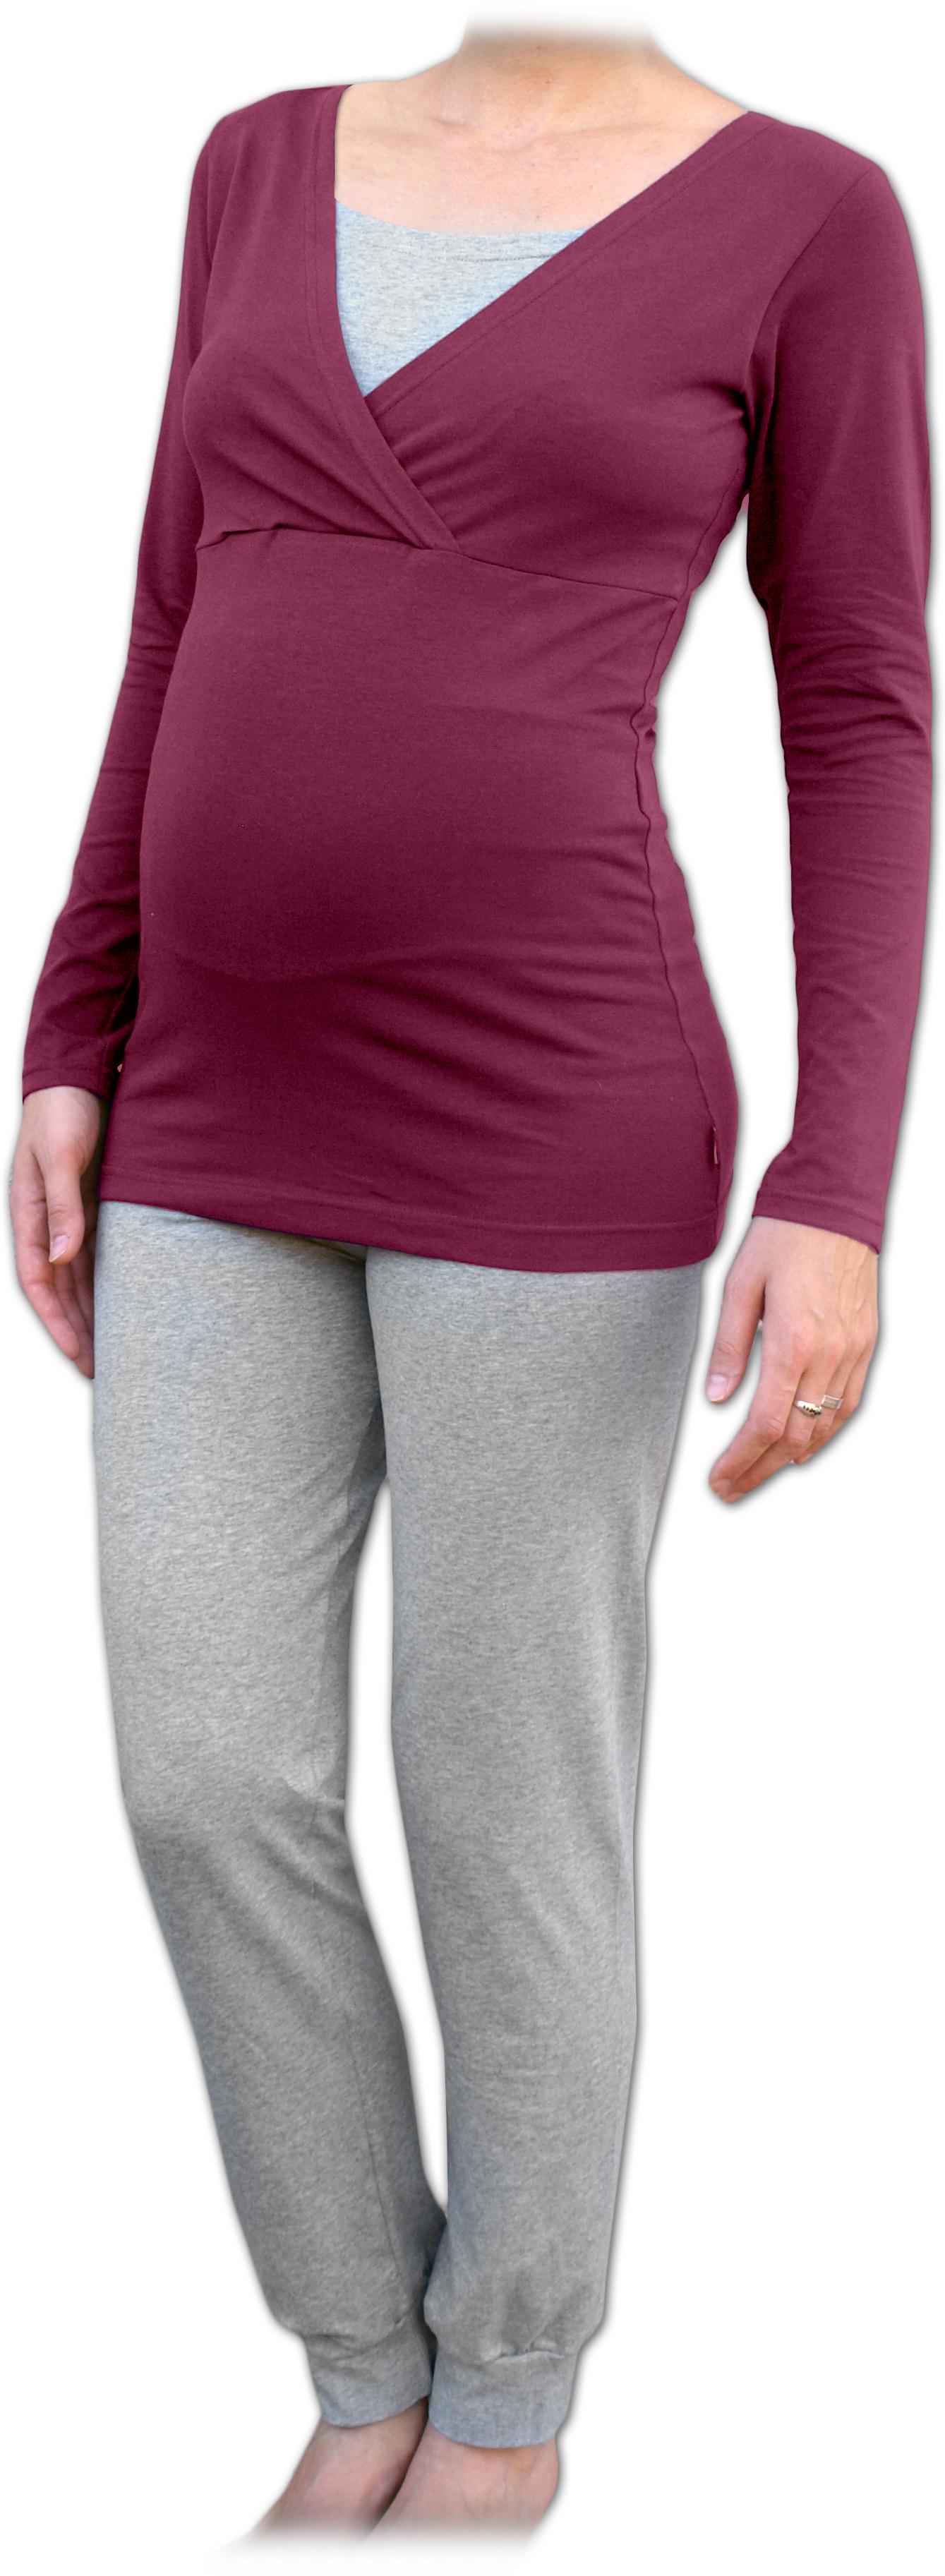 Těhotenské a kojicí pyžamo, dlouhé, cyklámen+šedý melír l/xl